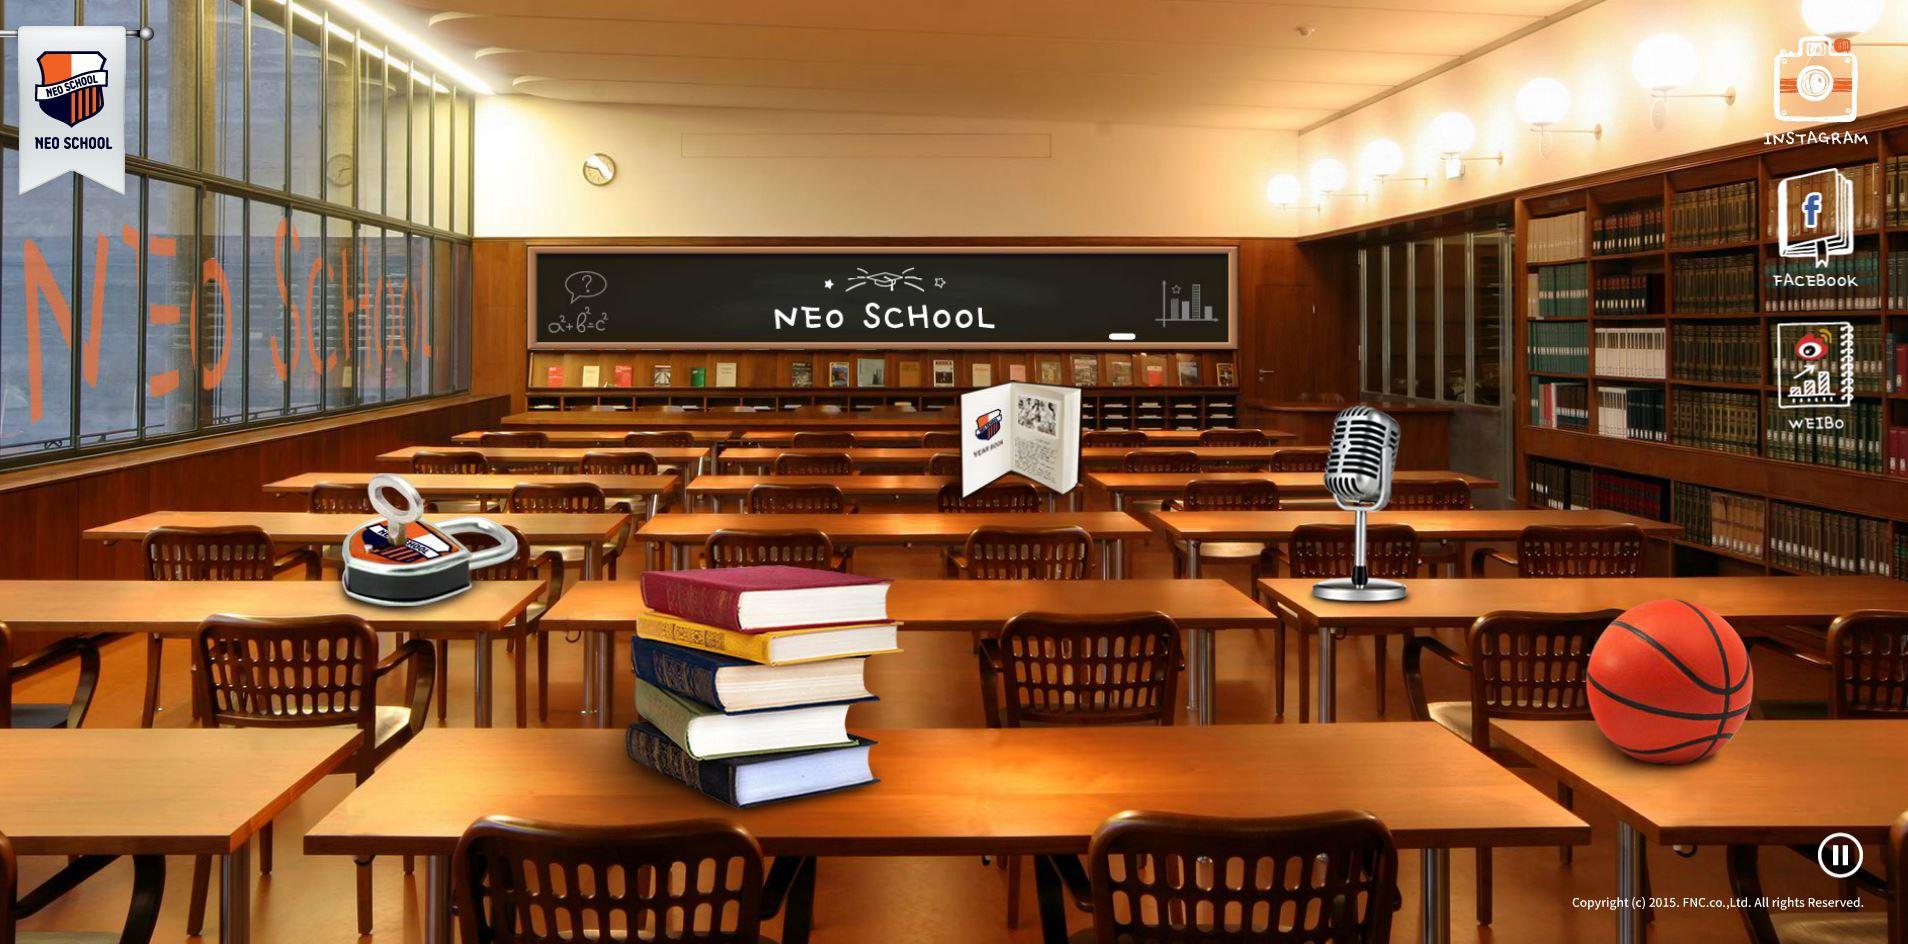 NEO SCHOOL是FNC培訓新人的最新系統,以學校生活為主題,並把即將出道的練習生取名為NEOZ,他們在NEO SCHOOL準備的過程都會呈現在觀眾面前。